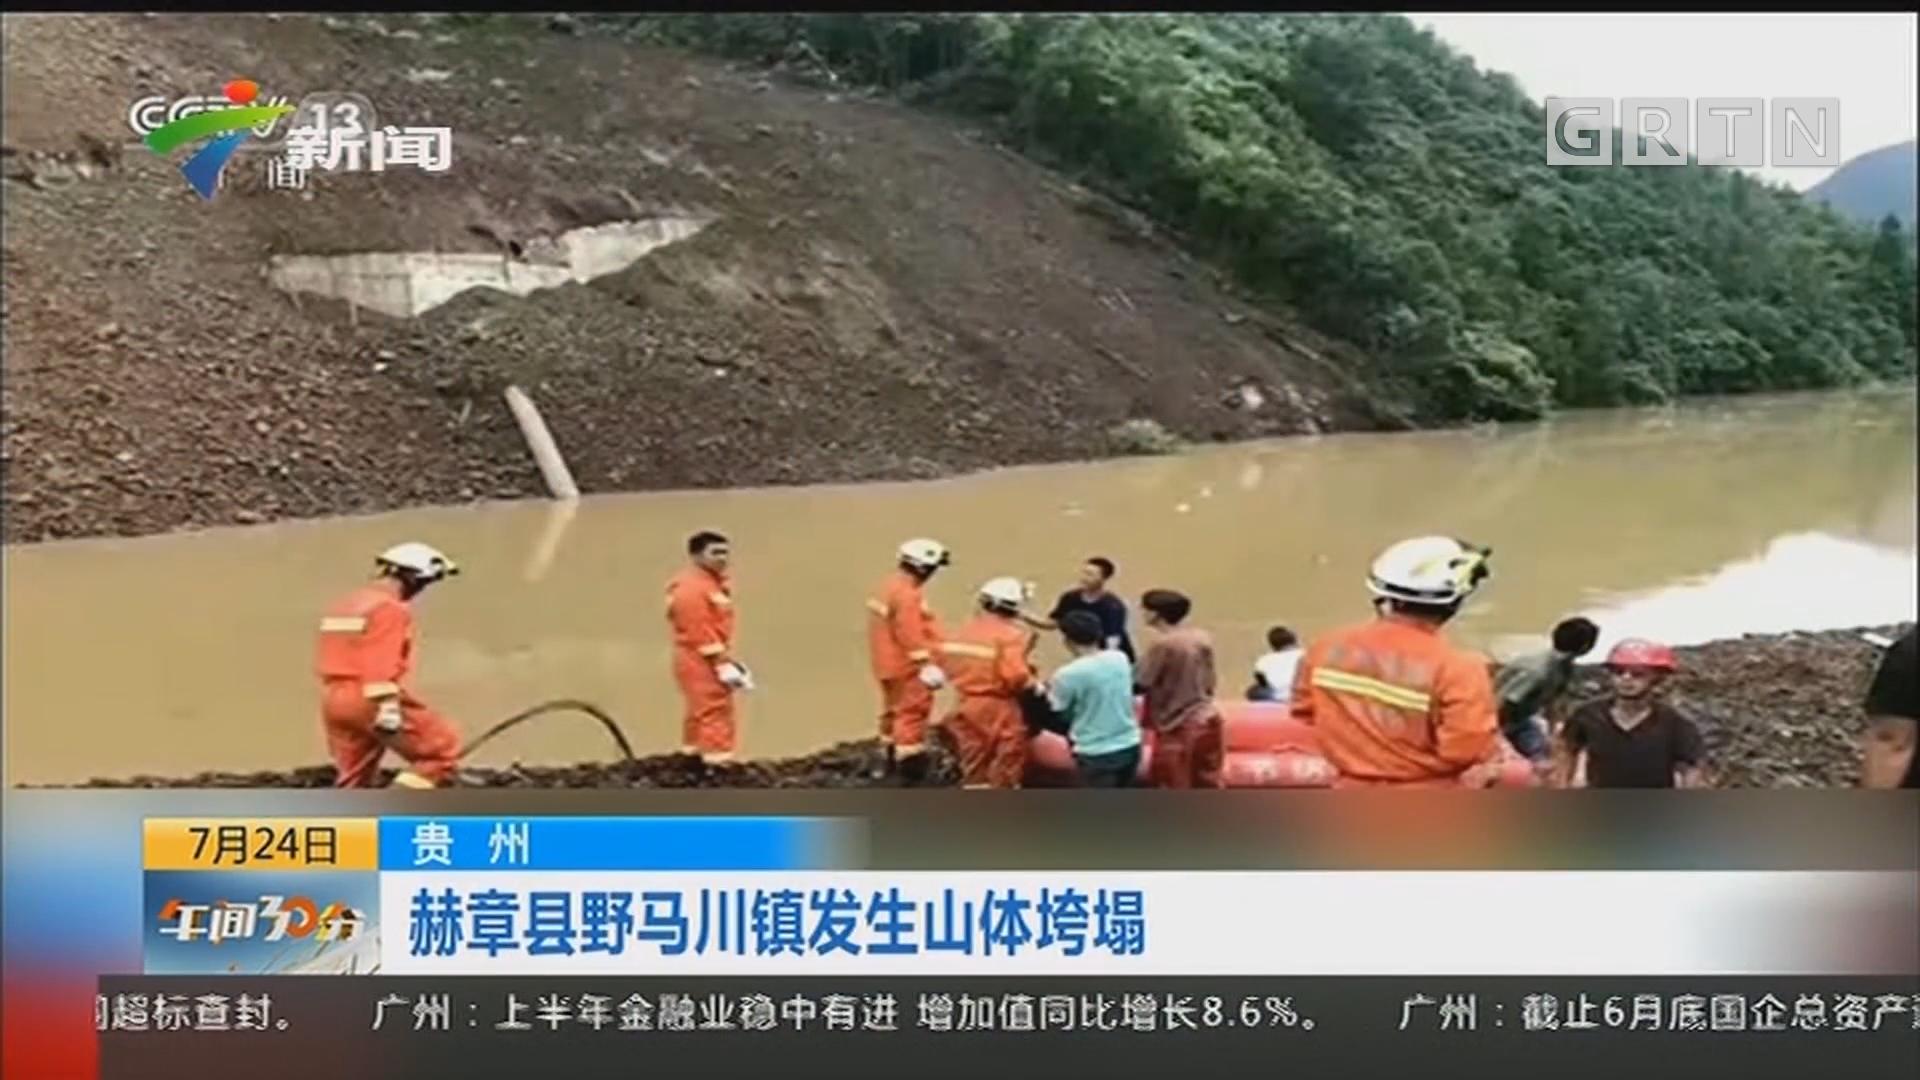 贵州:赫章县野马川镇发生山体垮塌